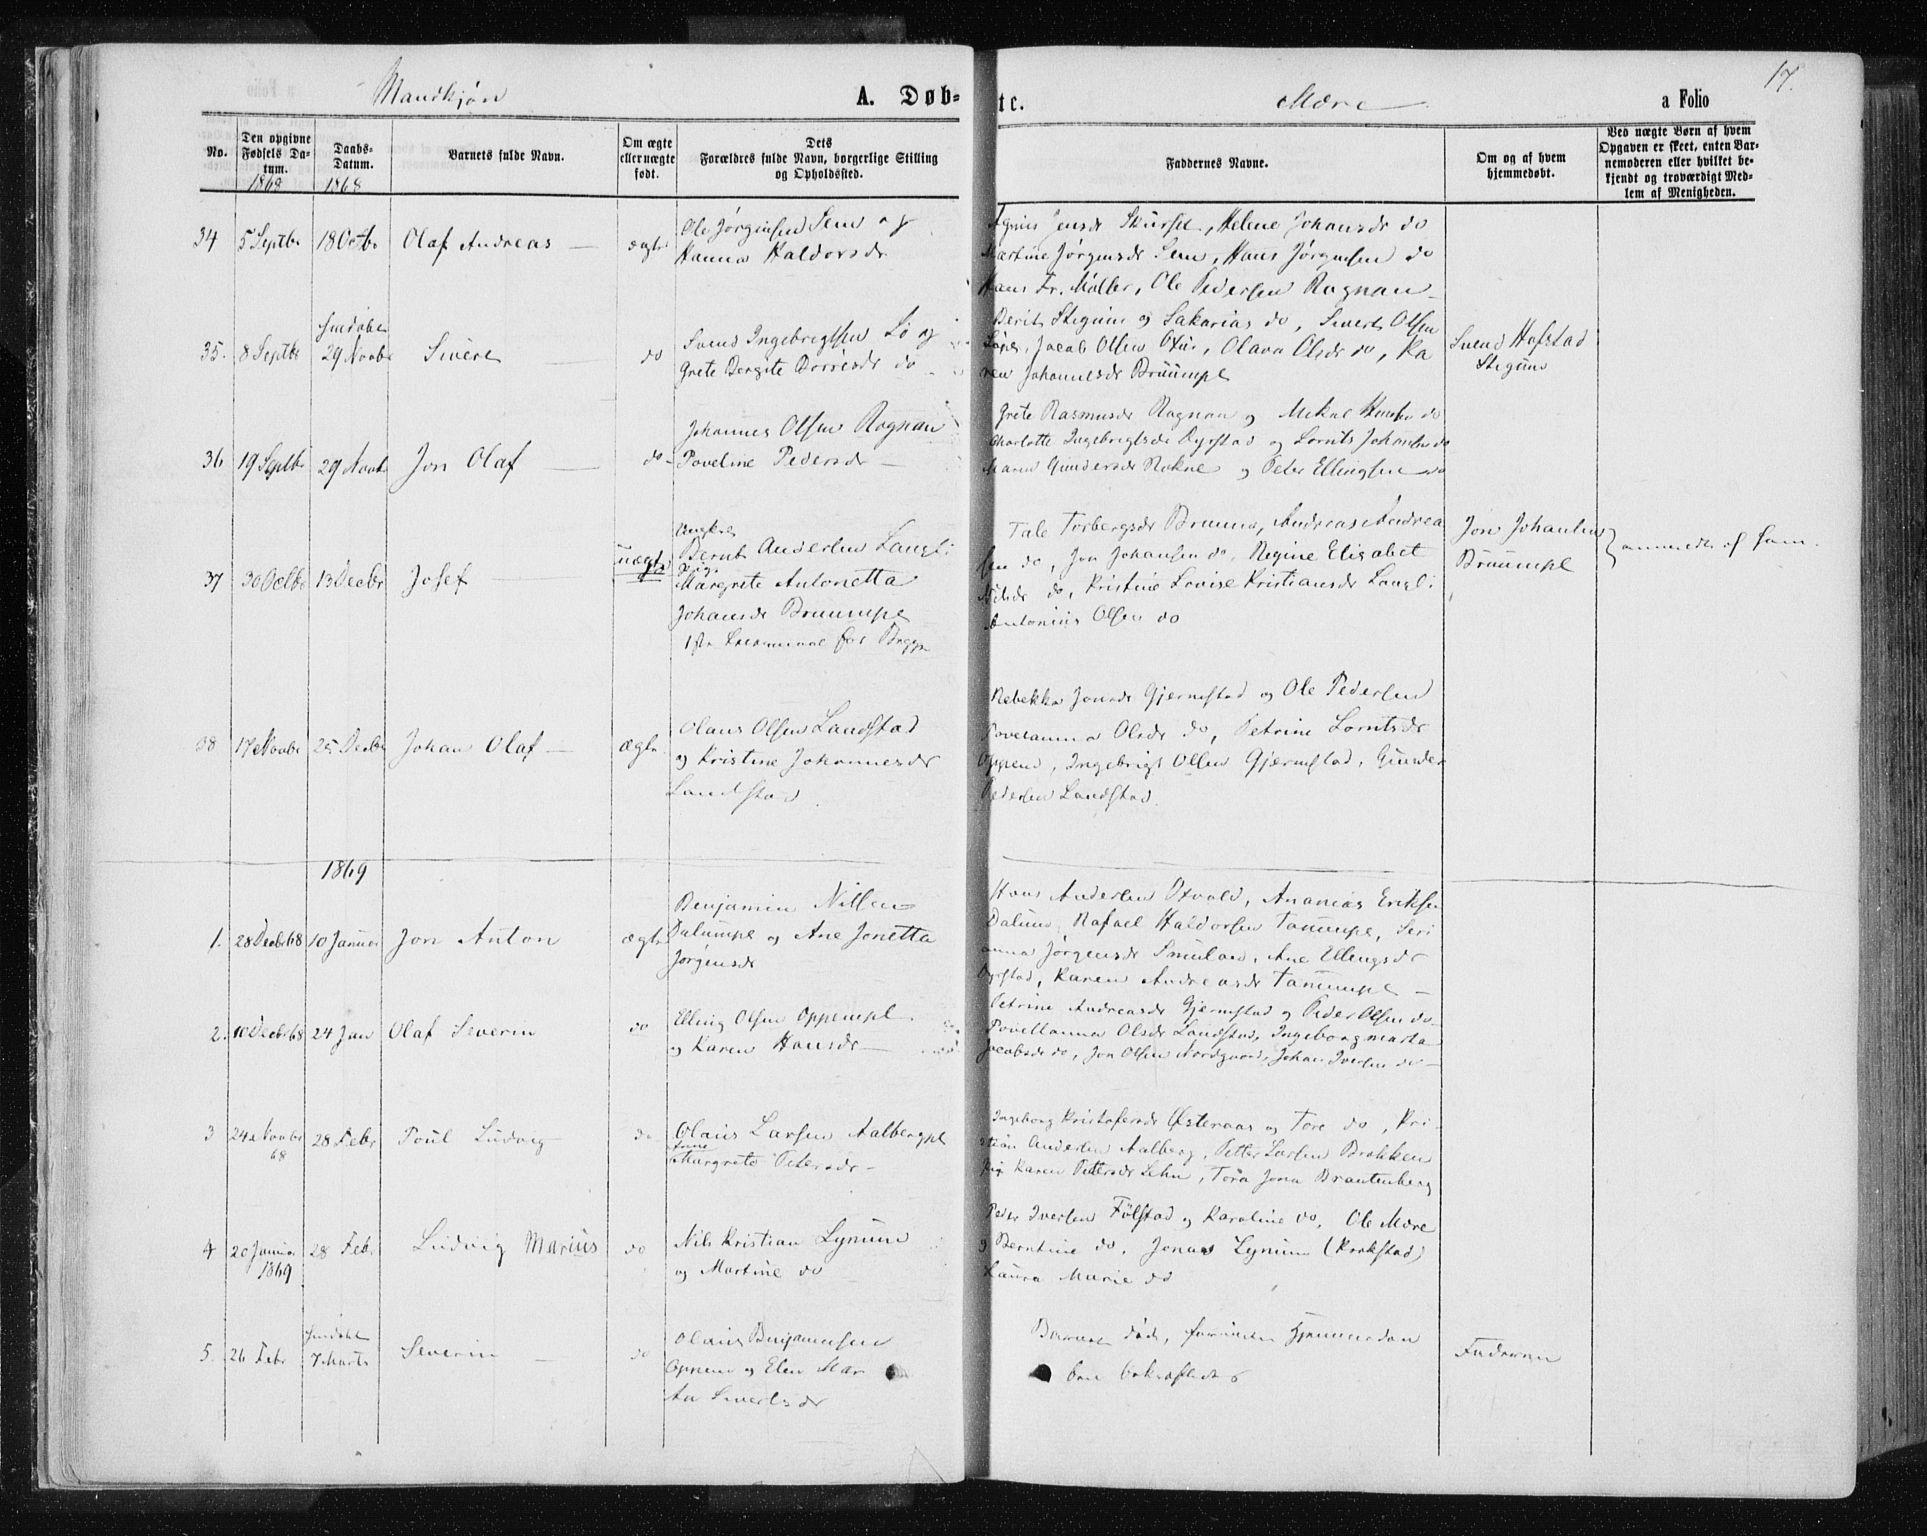 SAT, Ministerialprotokoller, klokkerbøker og fødselsregistre - Nord-Trøndelag, 735/L0345: Ministerialbok nr. 735A08 /1, 1863-1872, s. 17